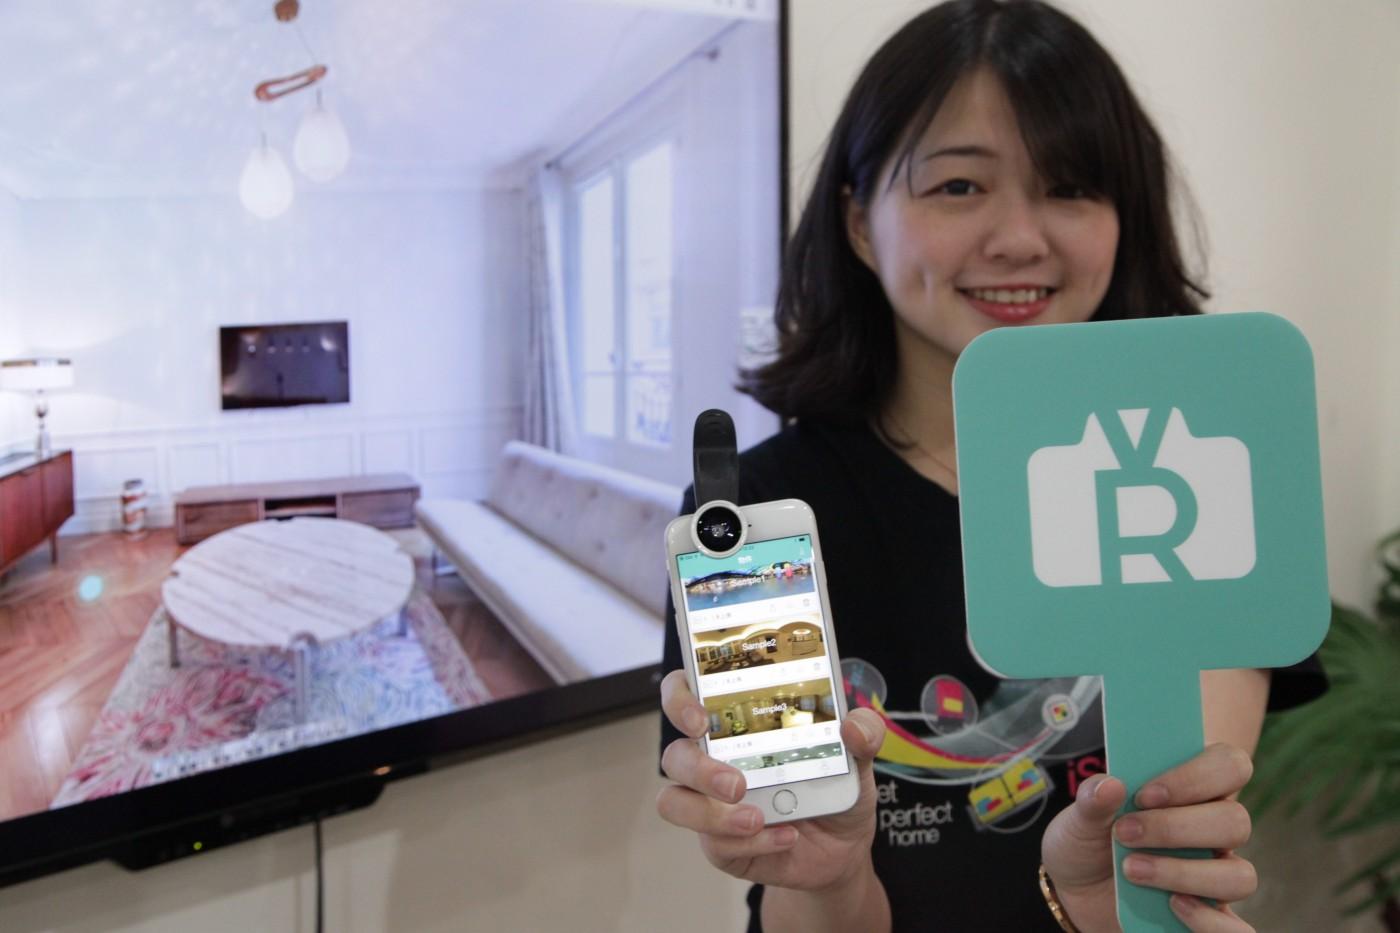 進軍中東!台灣VR廠商數位宅妝推App讓你自製VR內容